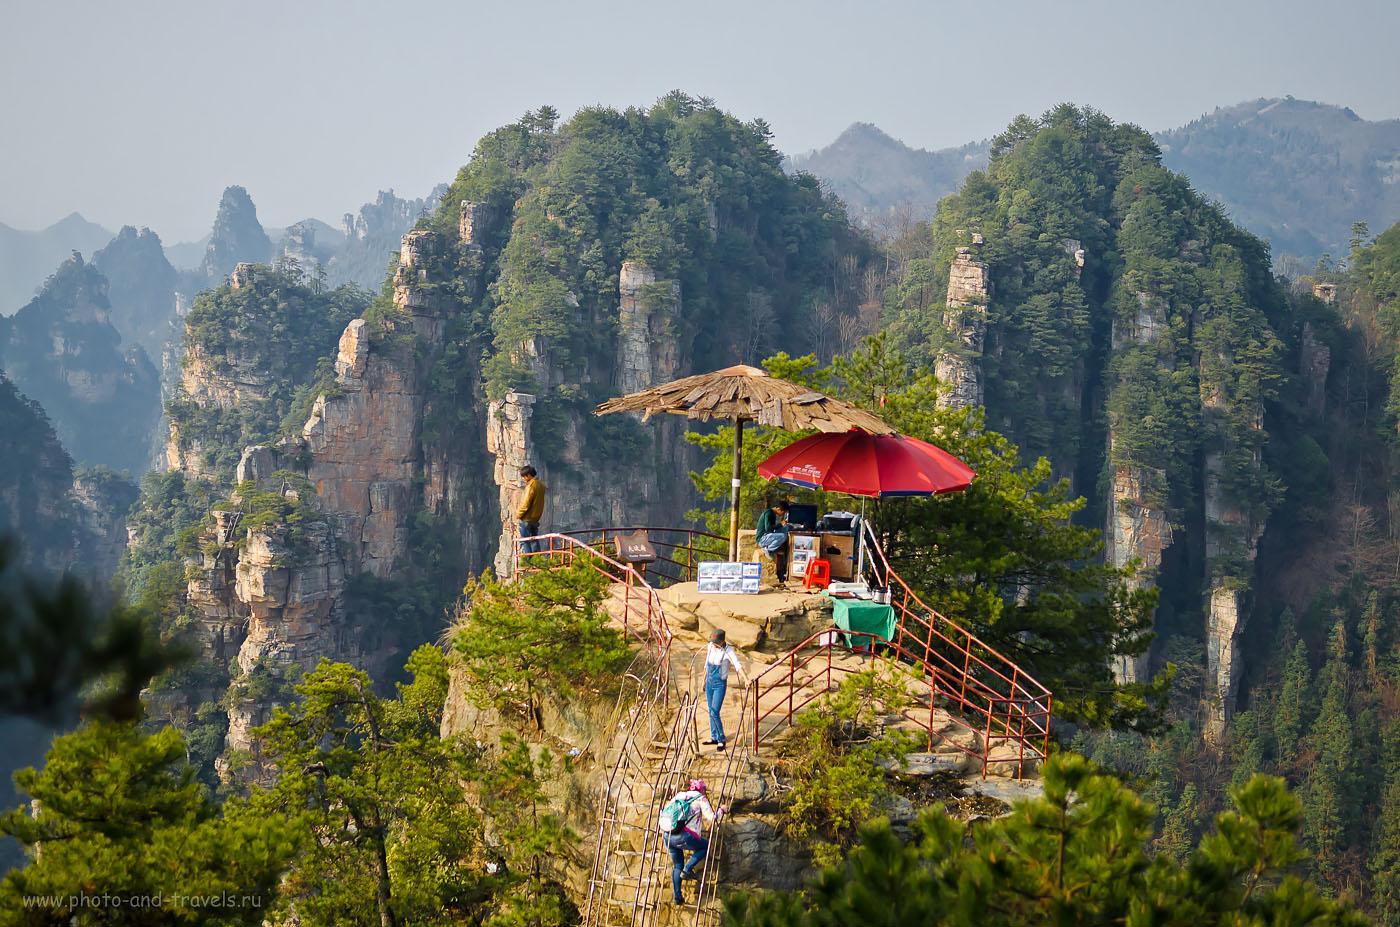 Фото 6. Впечатляет ведь пейзаж? Природный парк Чжанцзяцзе одно из самых красивых мест, что мы увидели во время отдыха в Китае